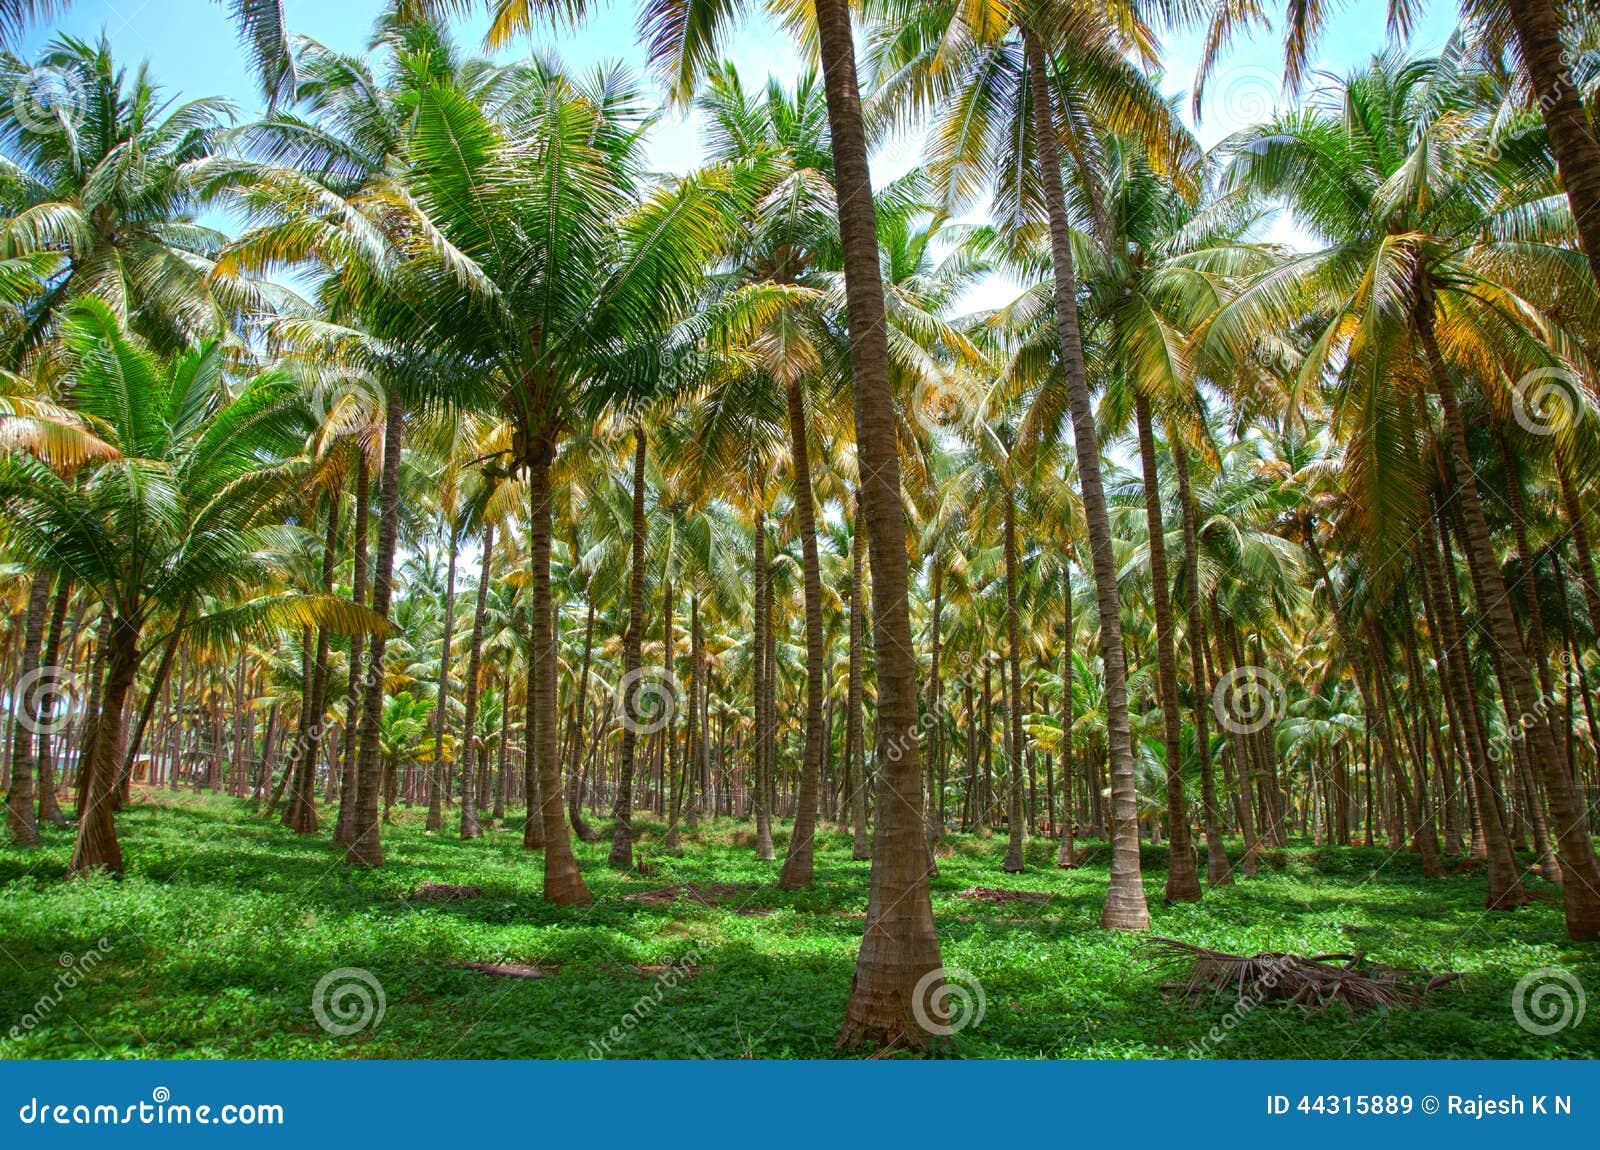 Plantation de palmiers de noix de coco photo stock image - Palmier noix de coco ...